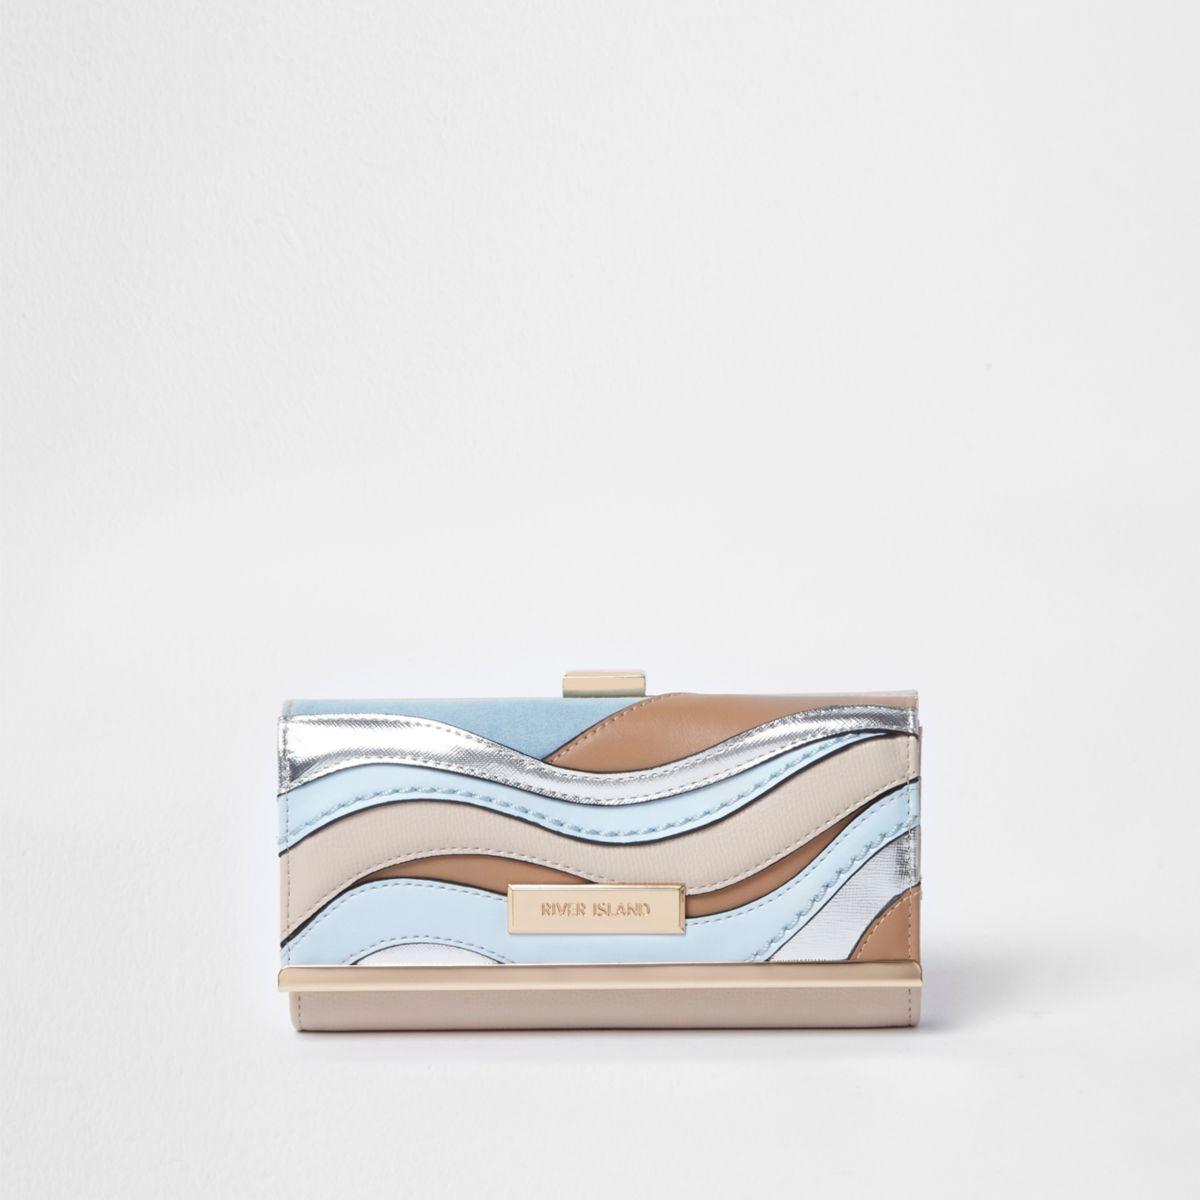 Blauwe metallic portemonnee met druksluiting en uitsnedes